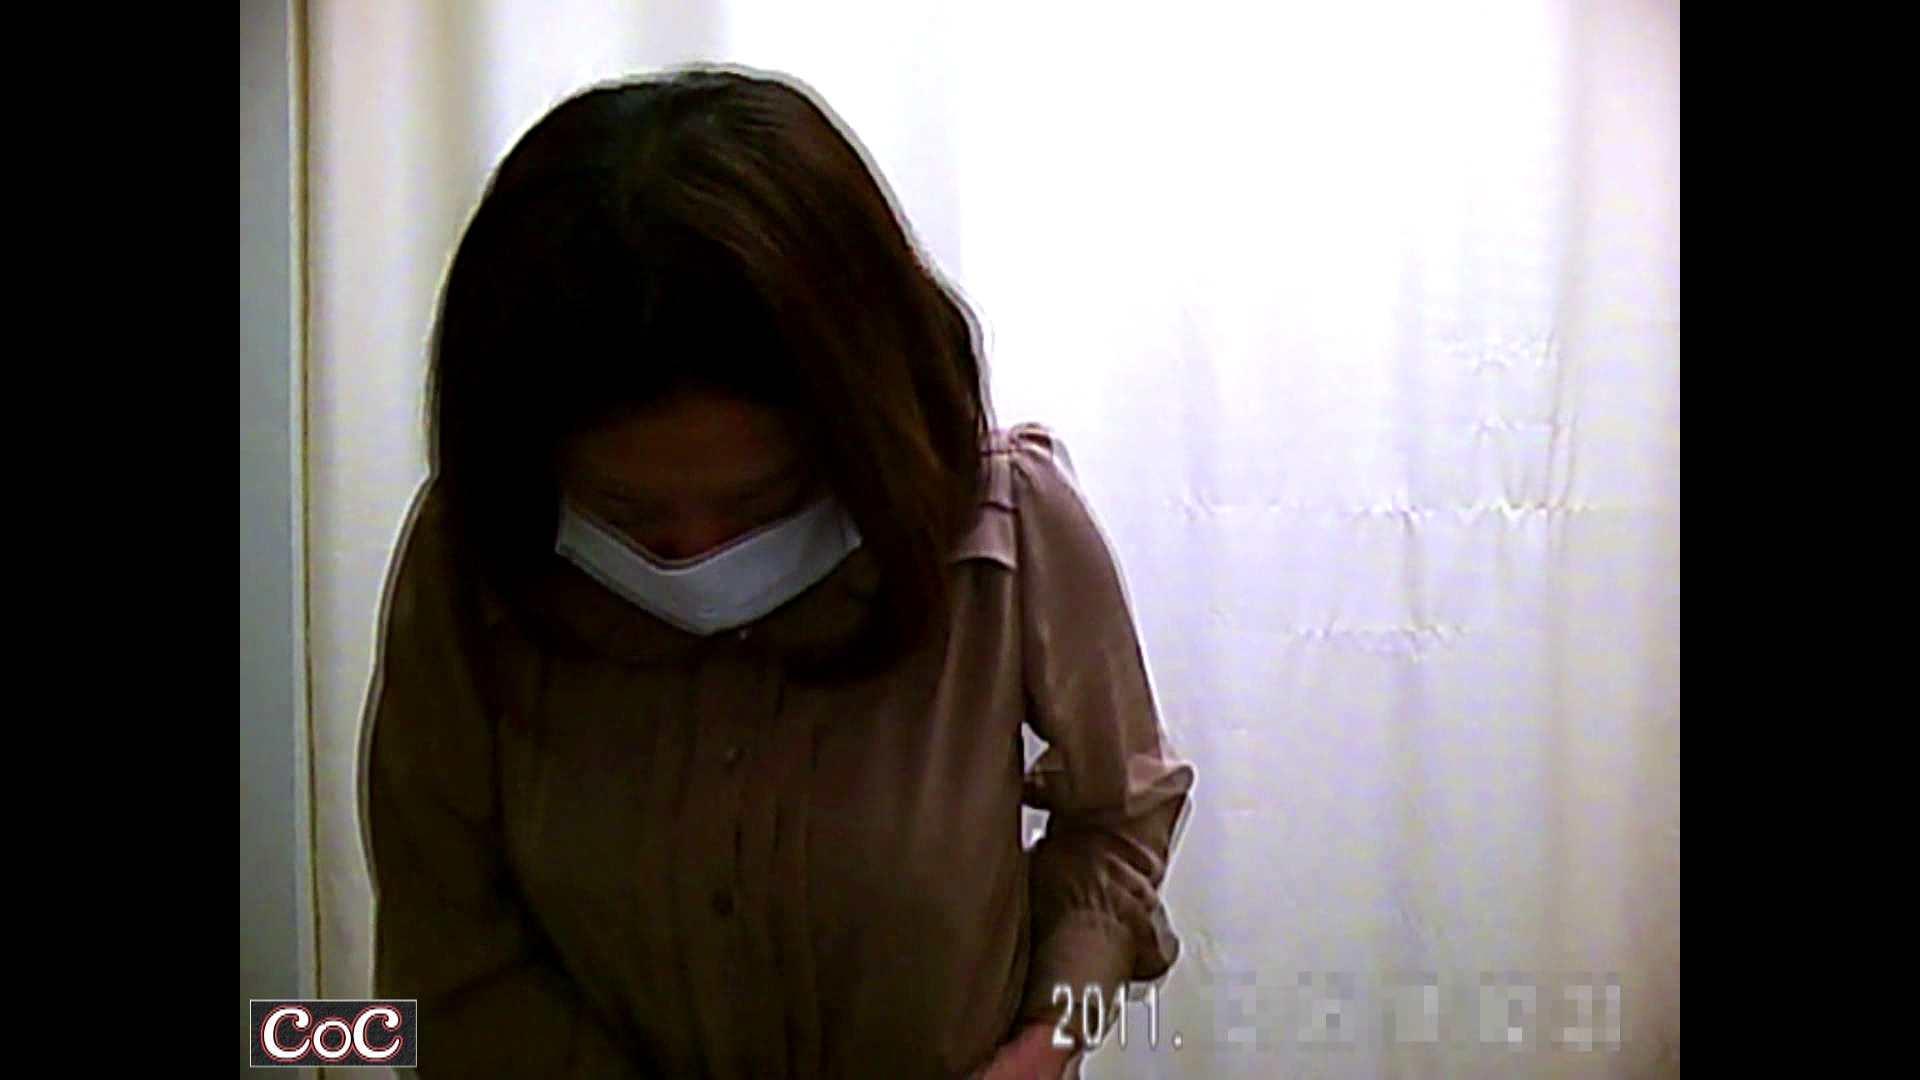 元医者による反抗 更衣室地獄絵巻 vol.184 OL  72pic 55